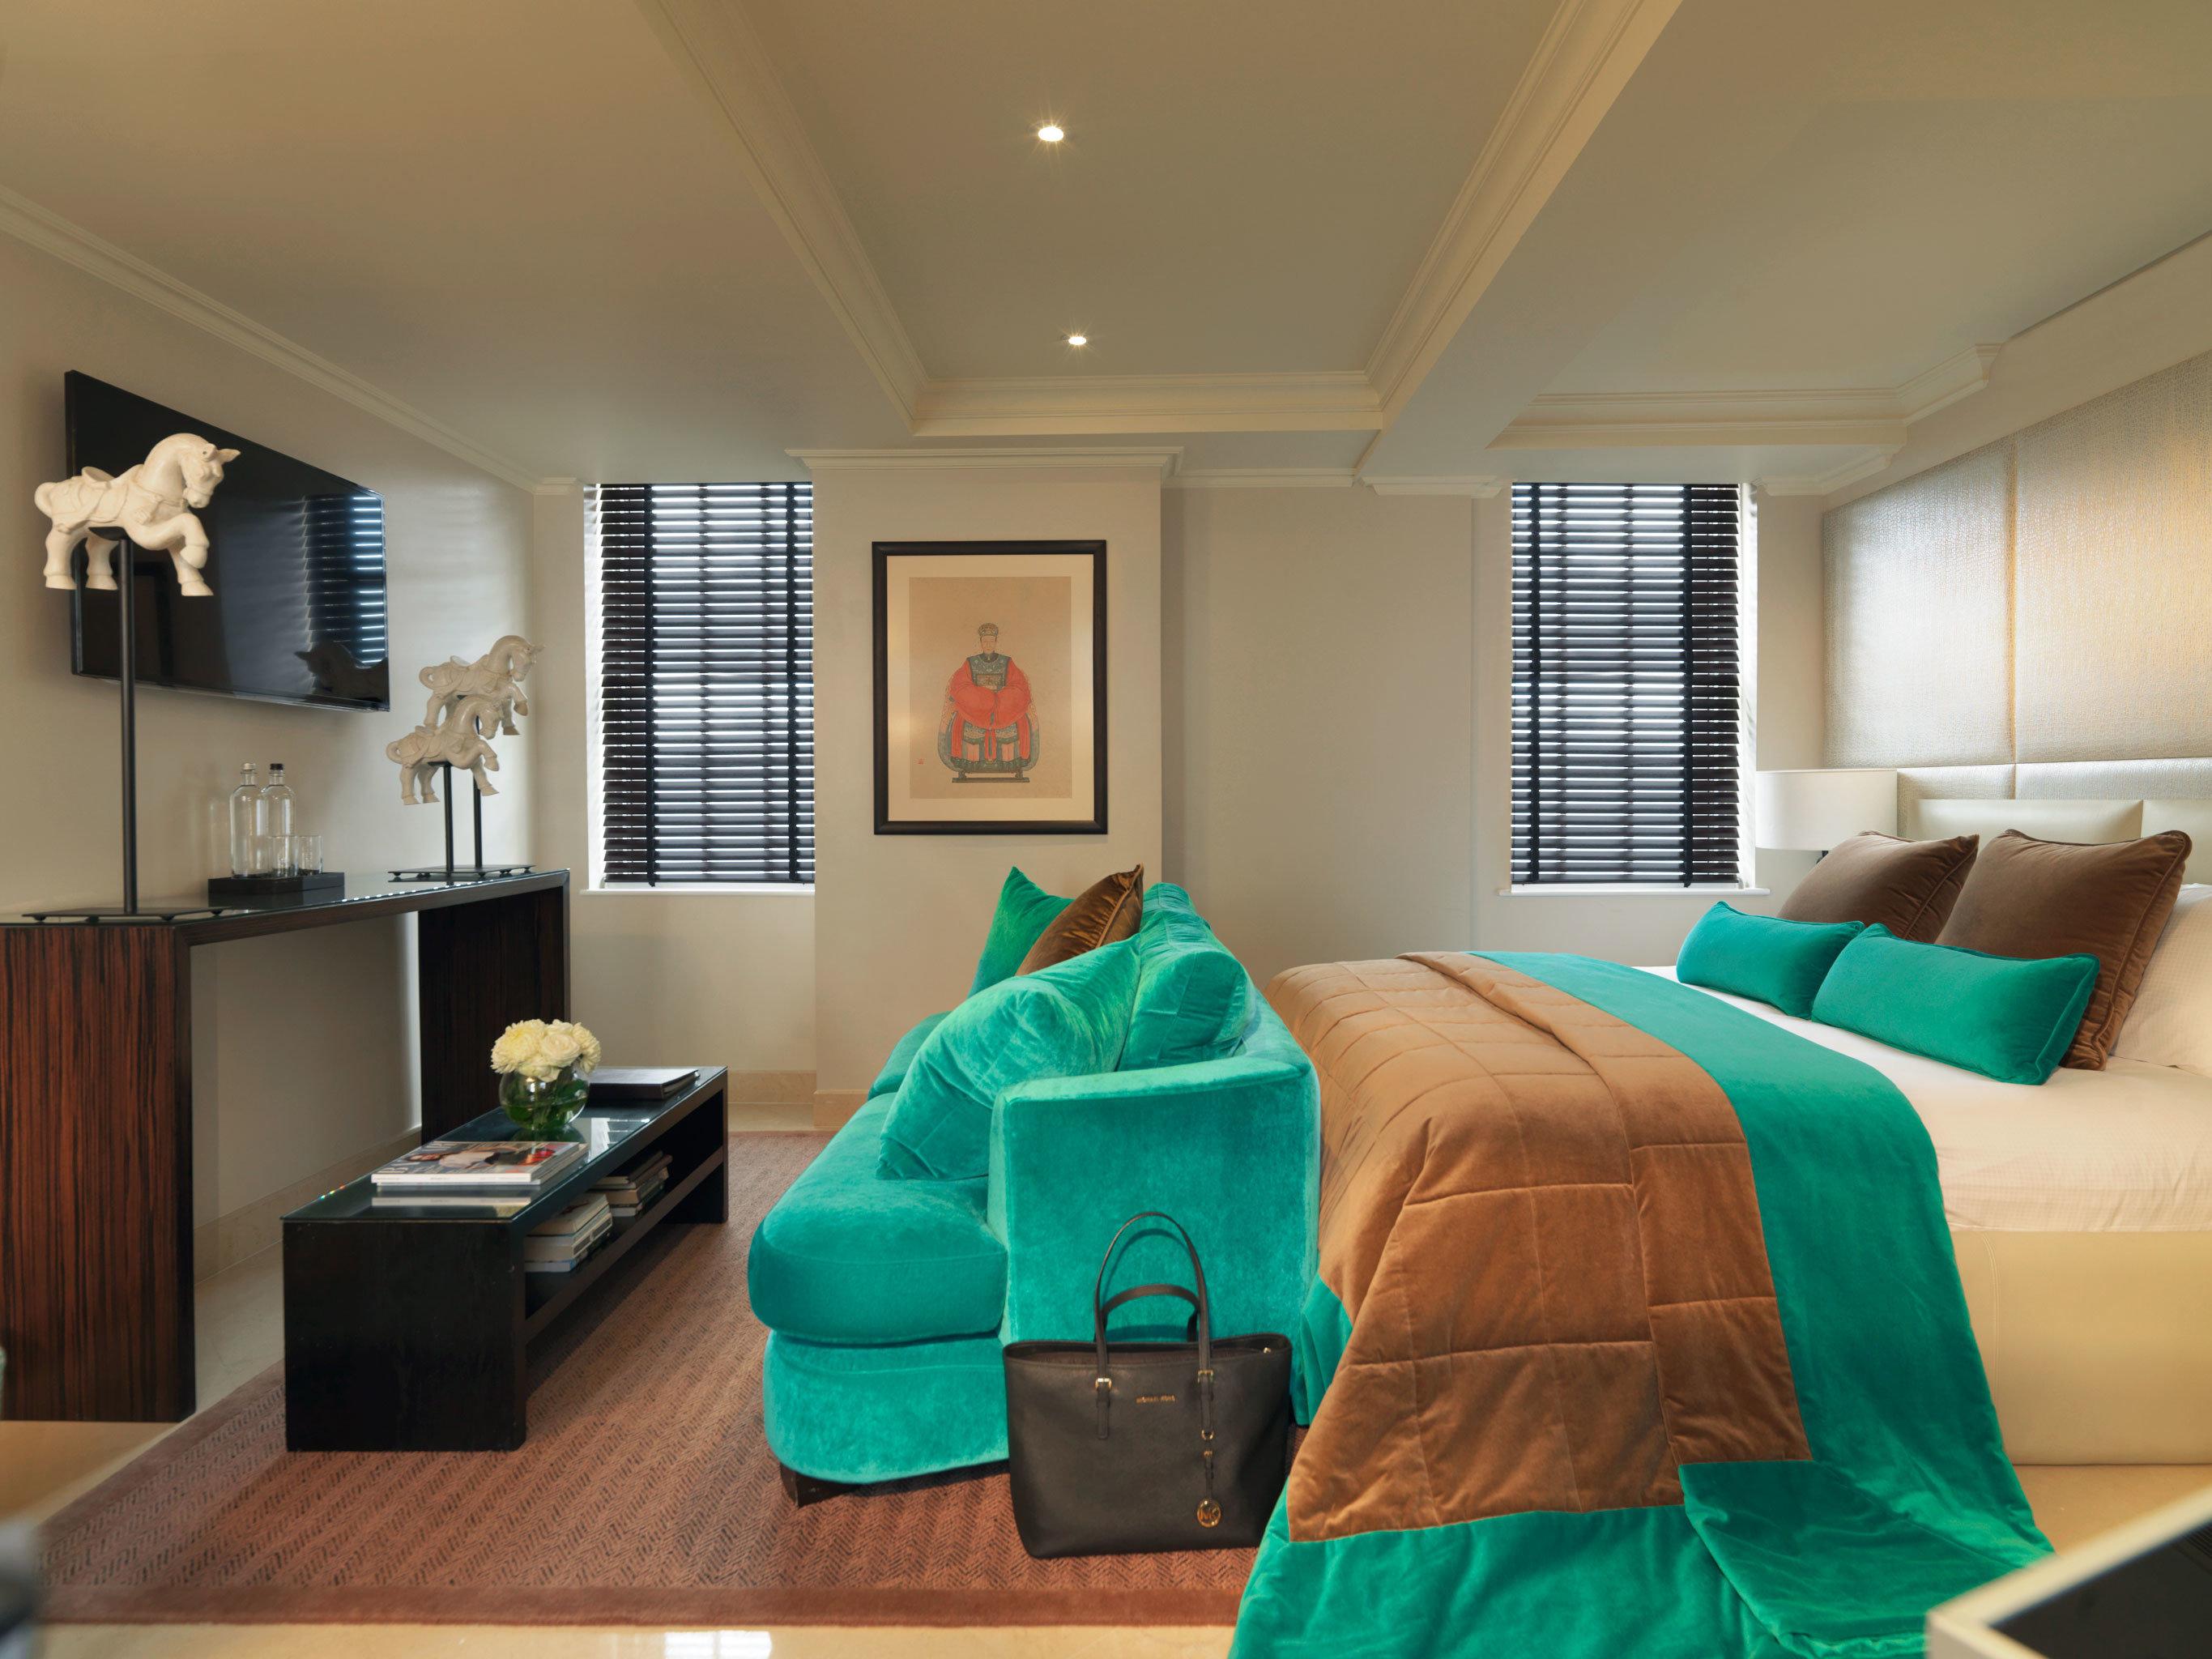 Bedroom Modern green property living room home hardwood Suite cottage bed sheet colored